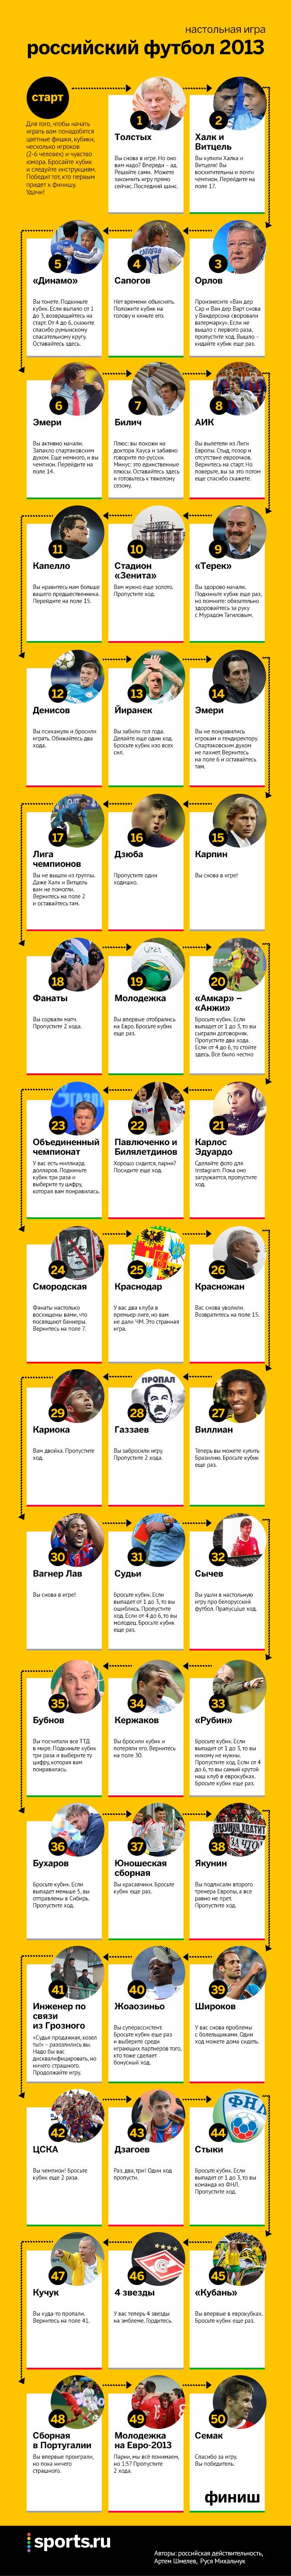 Настольная игра «Российский футбол, сезон-2012/13»